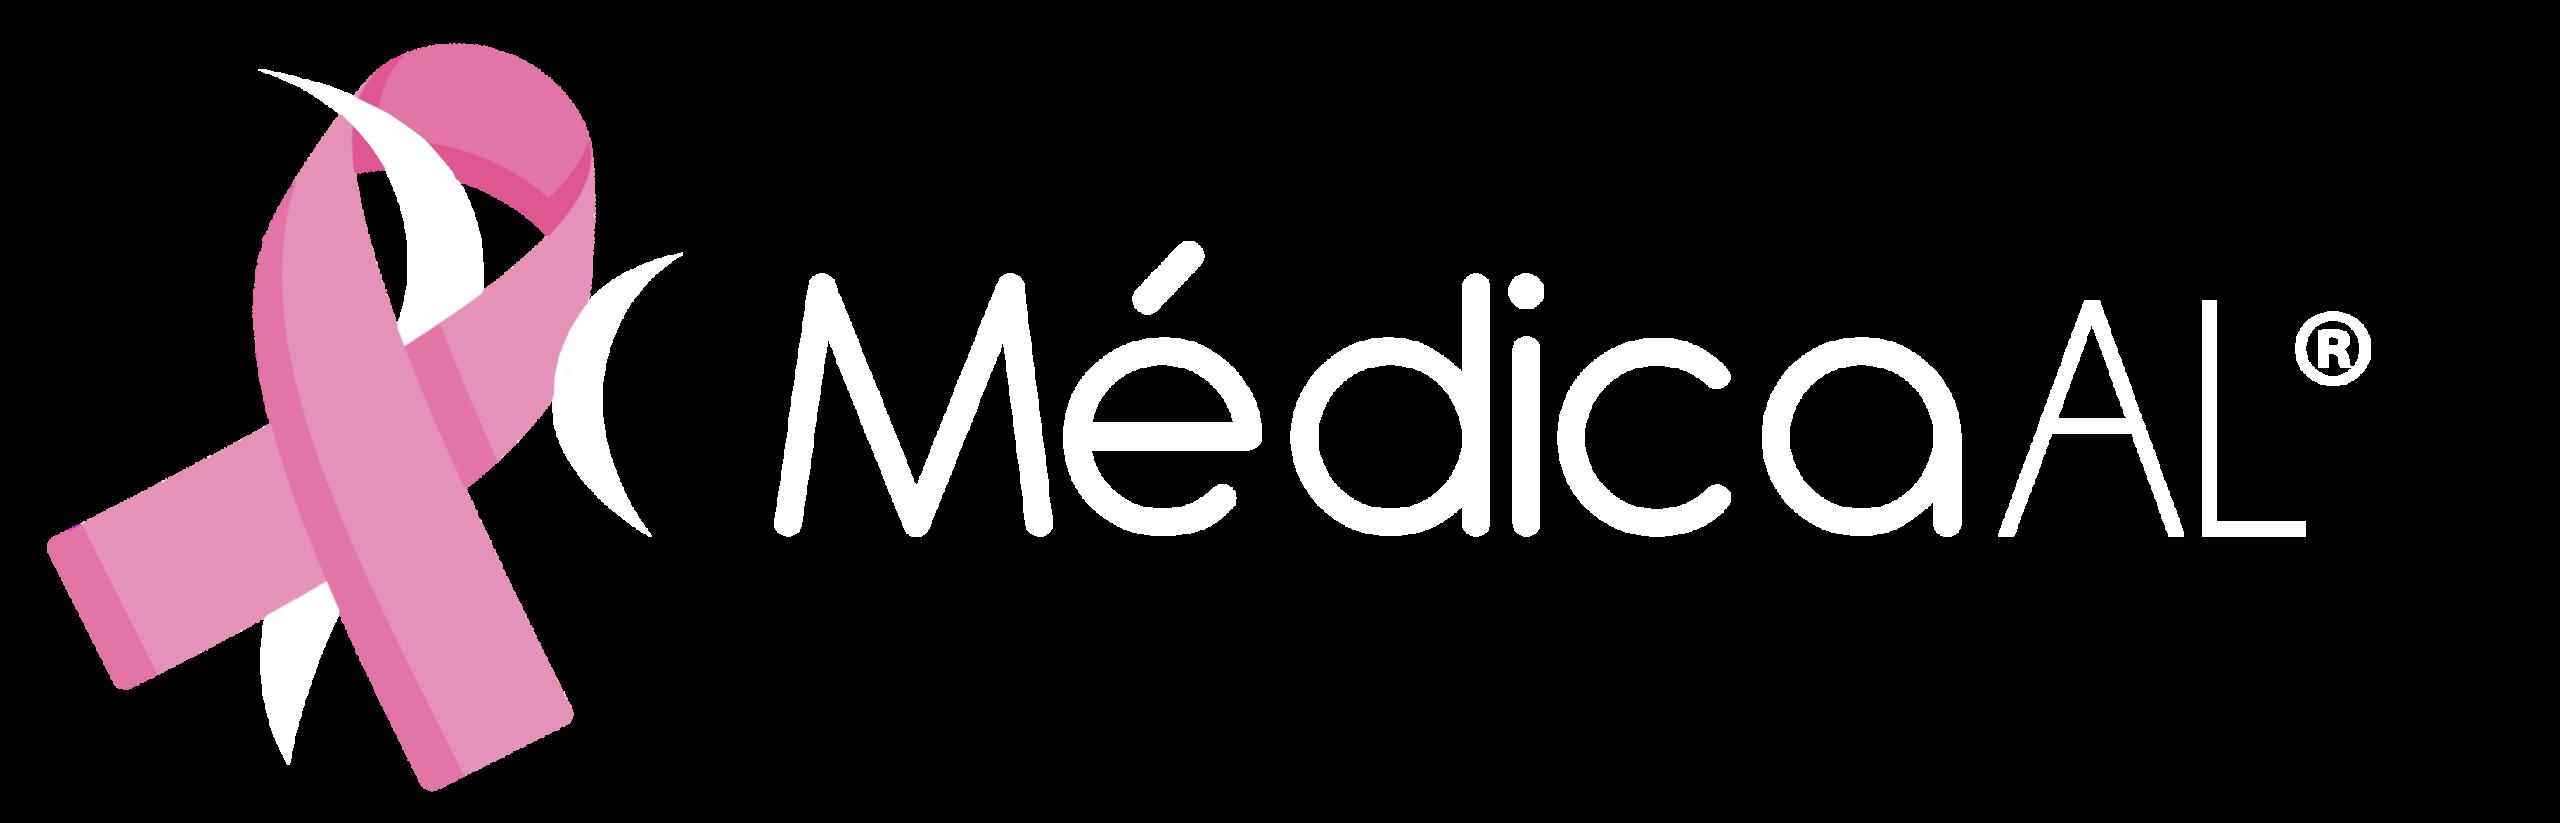 Médica AL